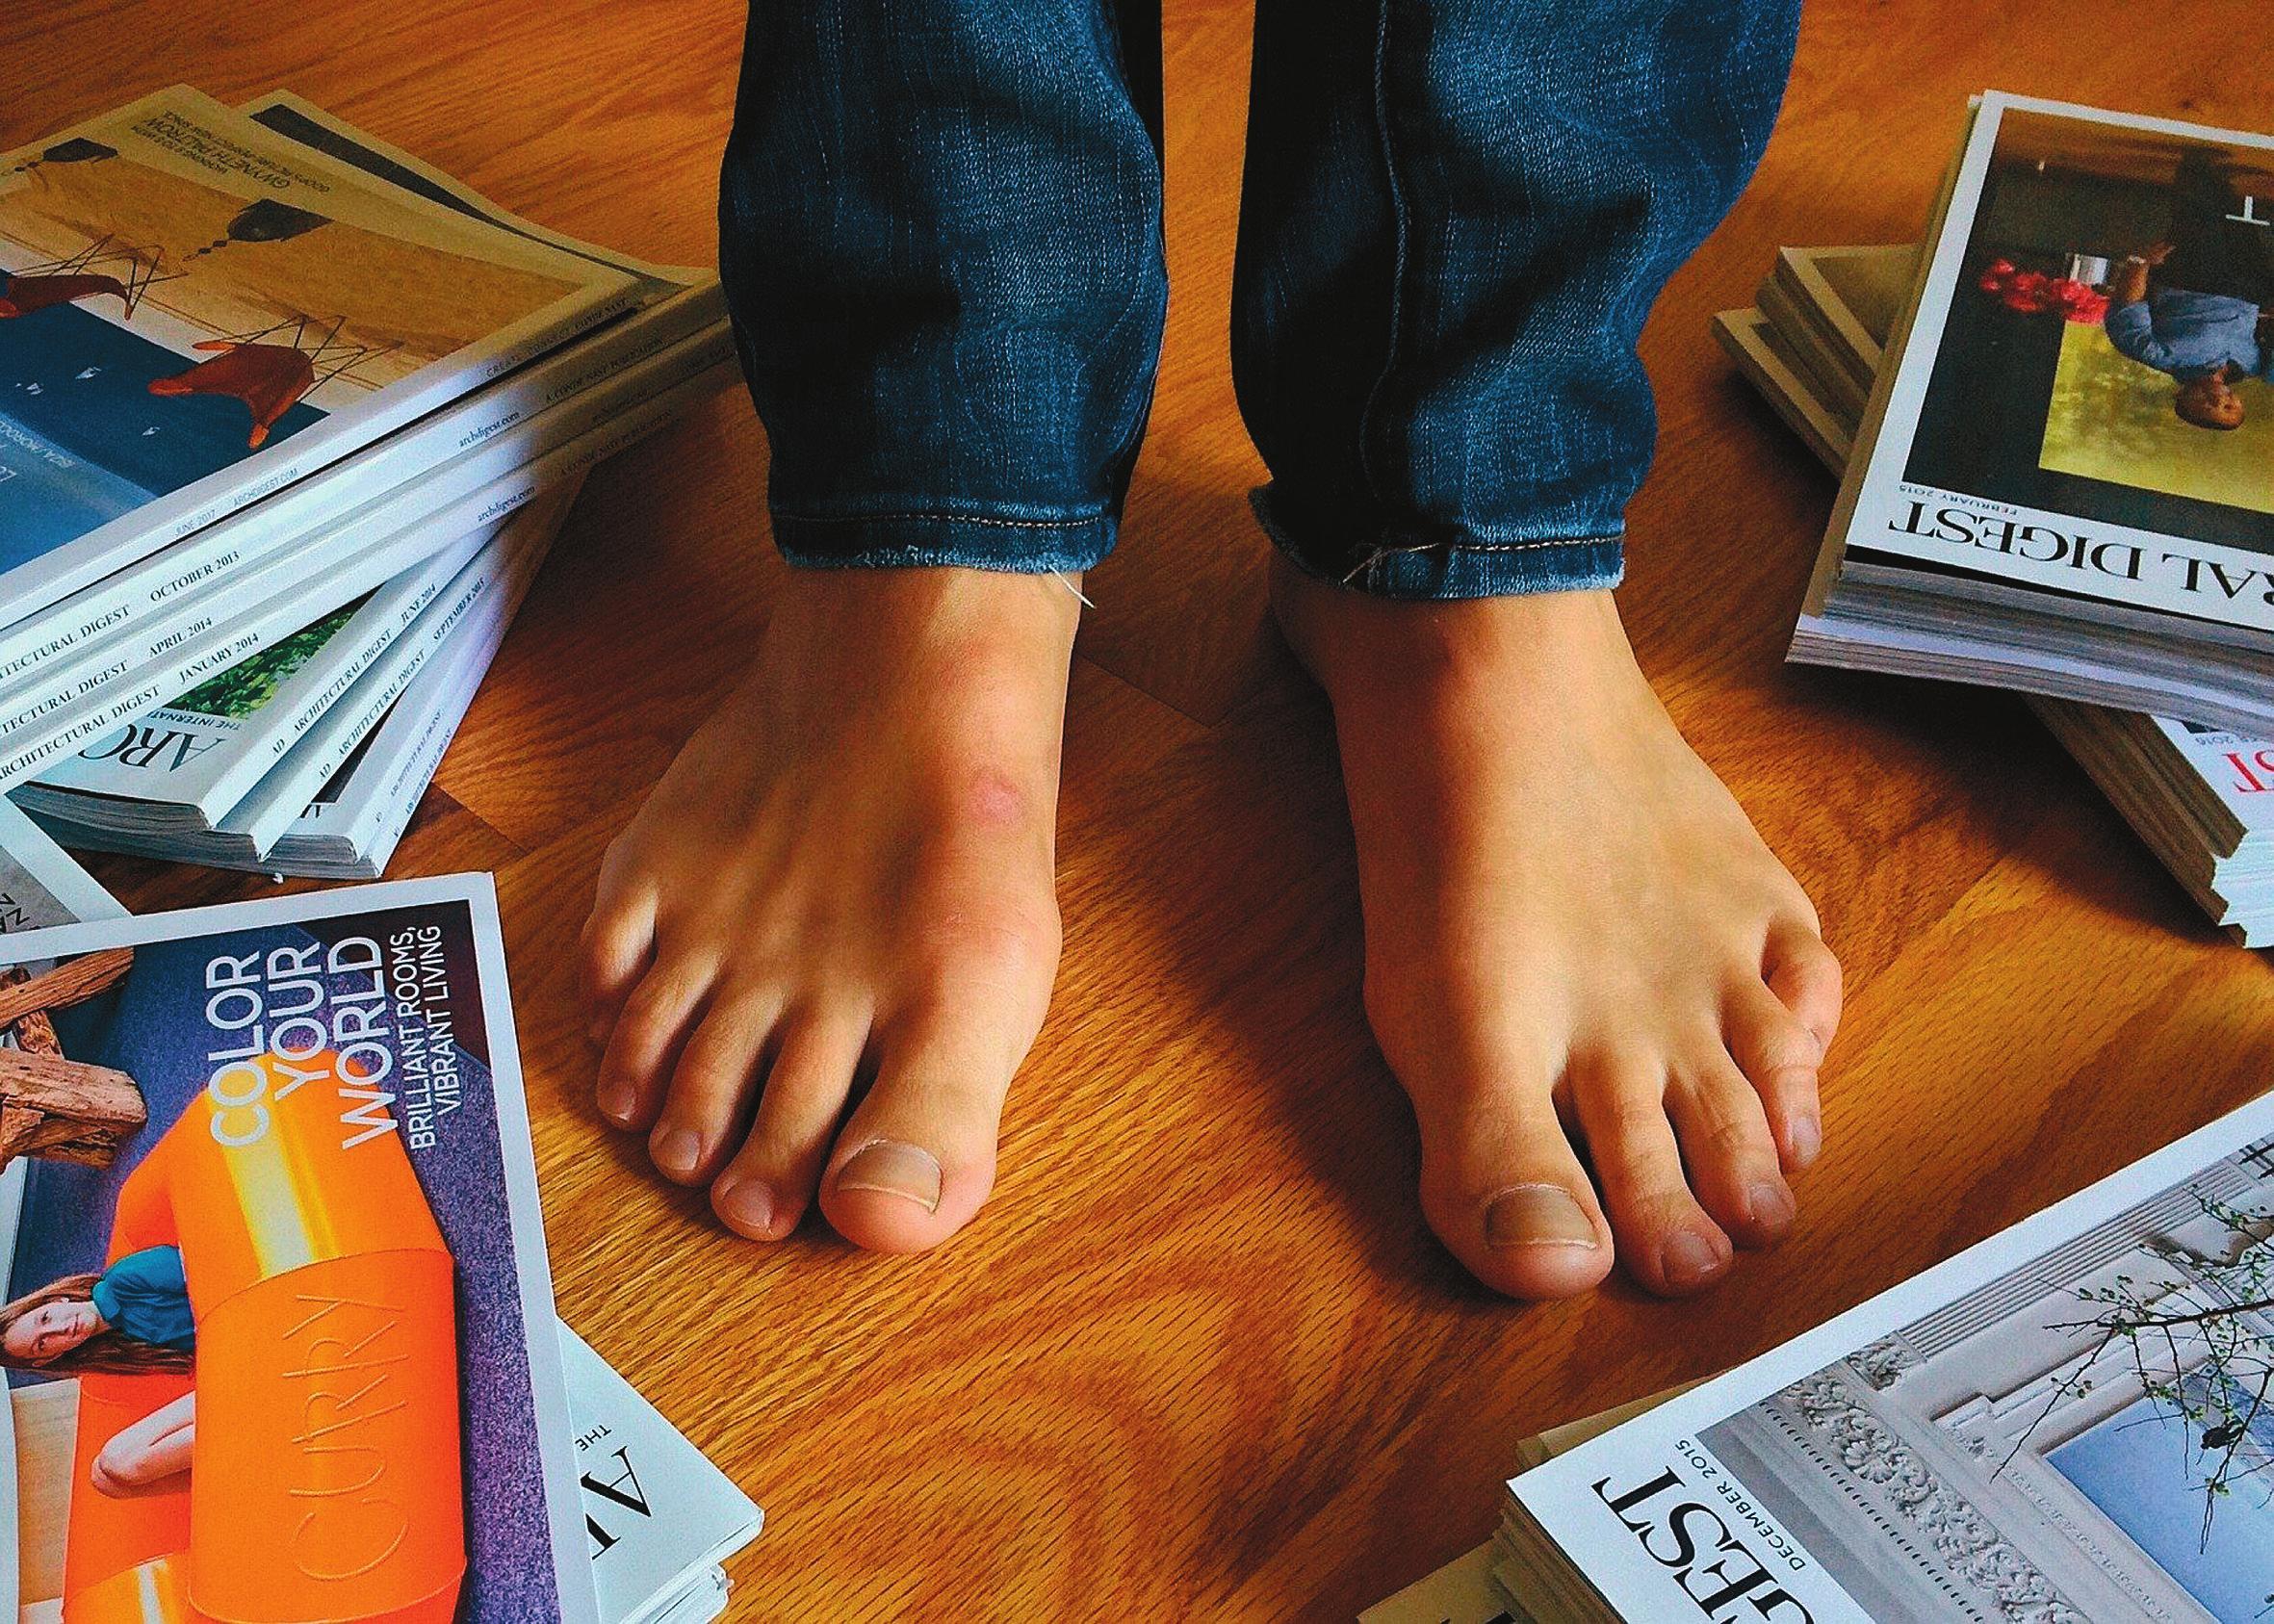 Fußbodenheizungen sind energieeffizient und geben den Wohnräumen mehr Stellmöglichkeiten. Foto: Pixabay